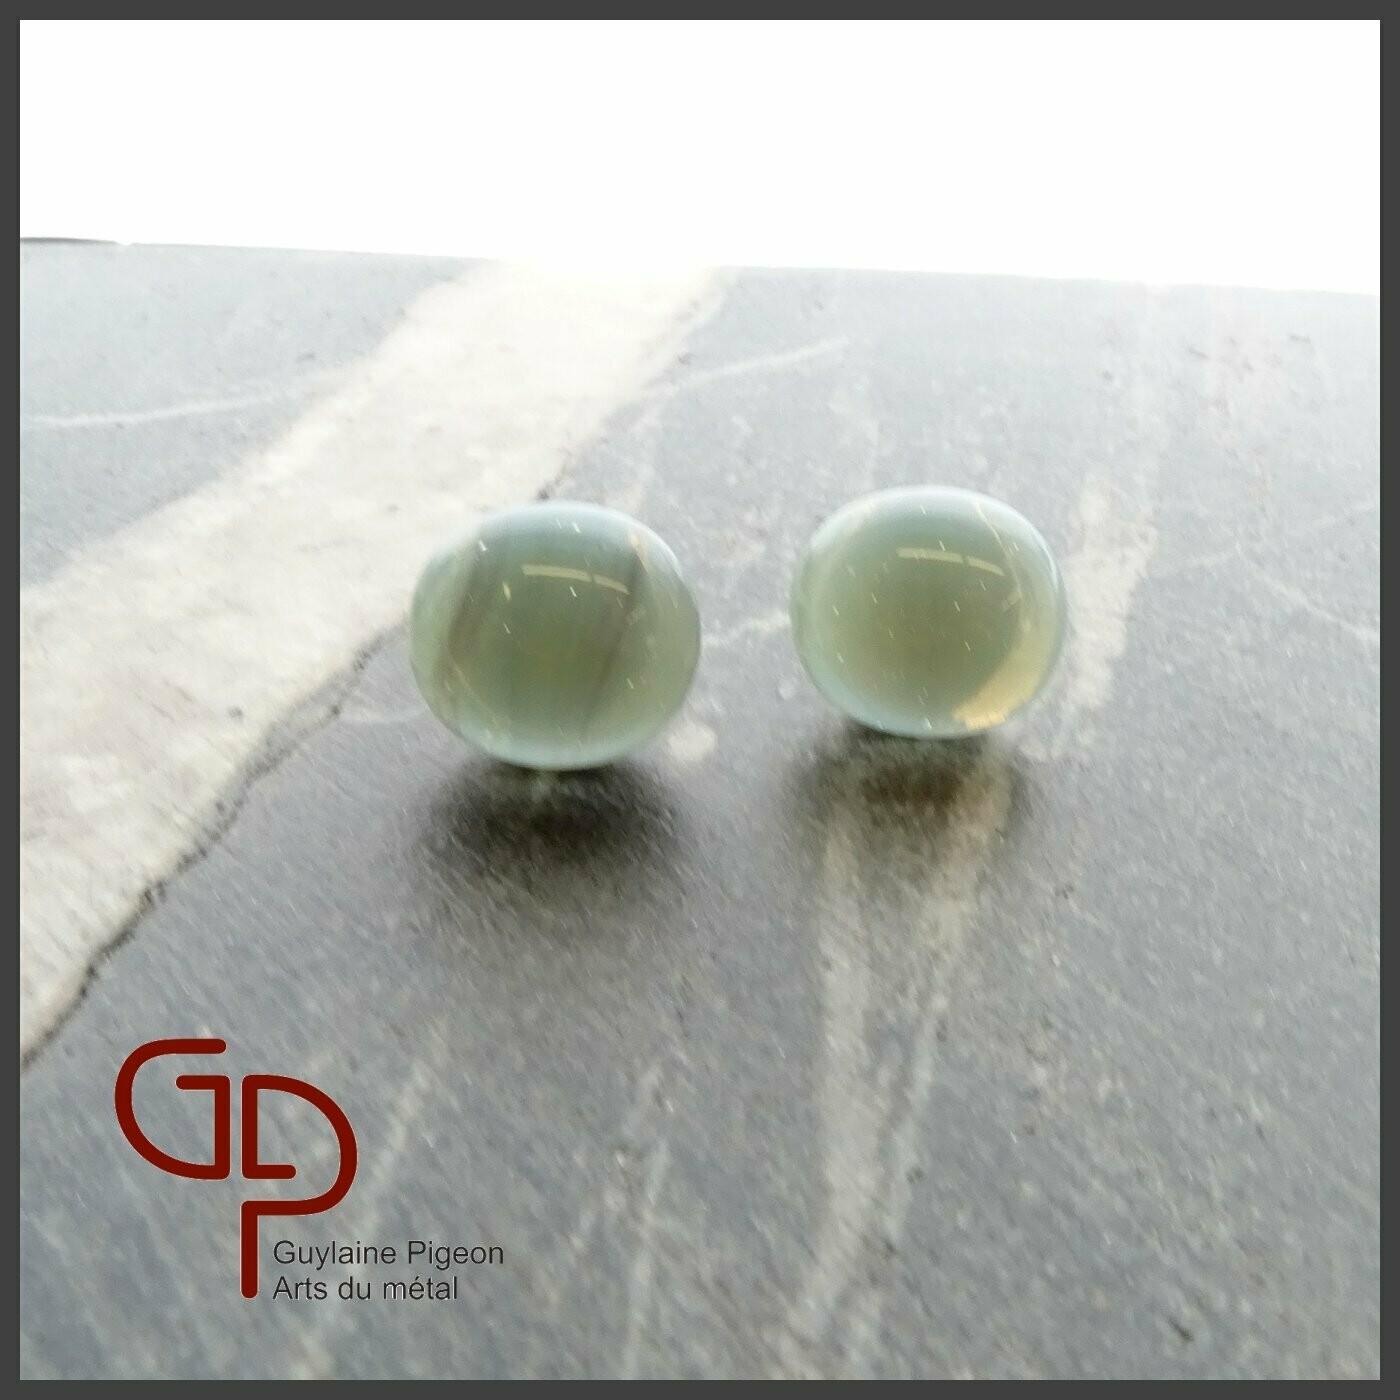 Boucles d'oreilles verre #22